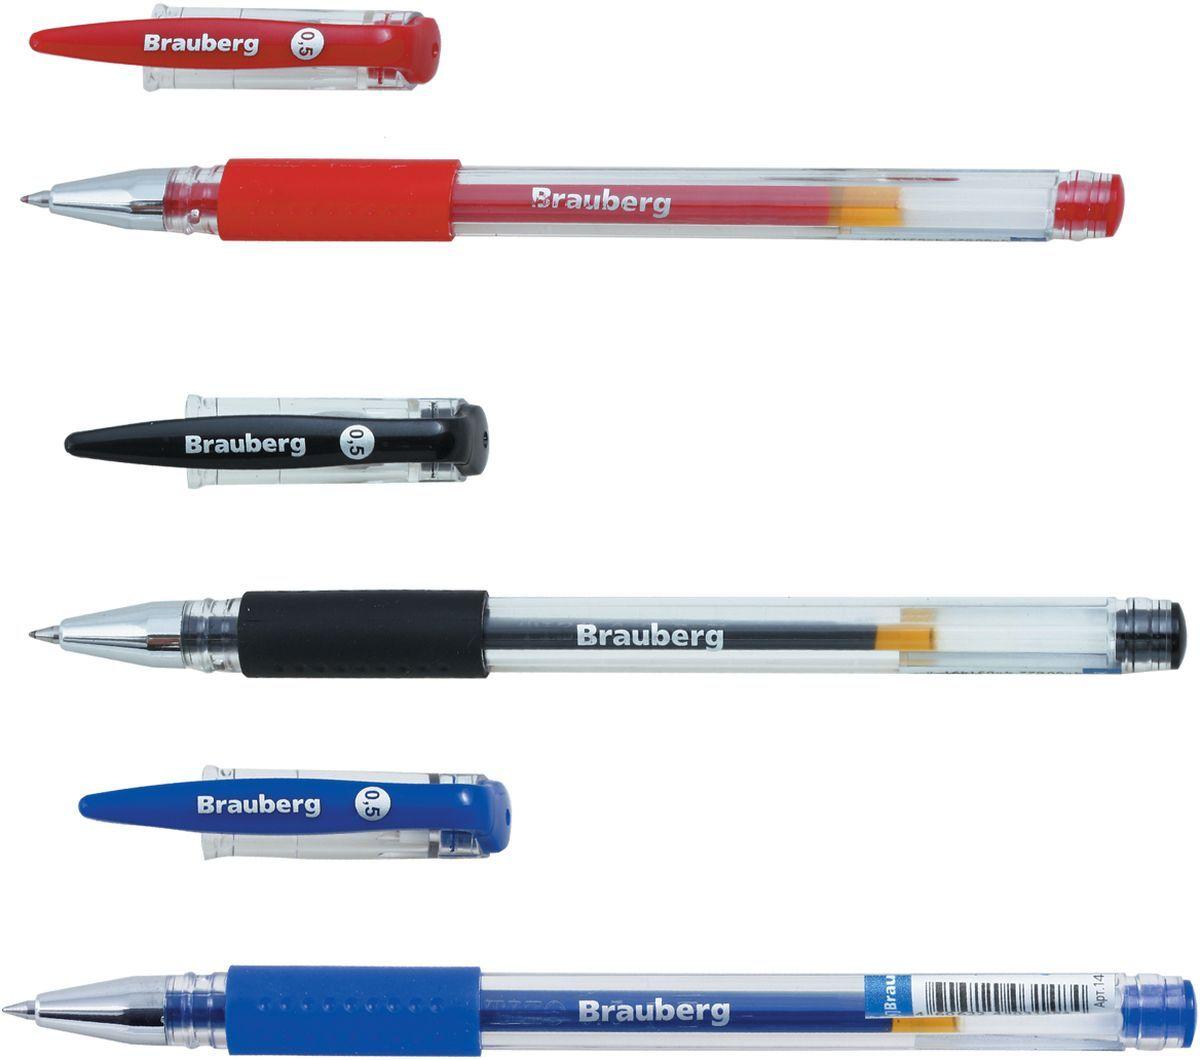 Brauberg Набор гелевых ручек Number One 3 шт72523WDНабор Brauberg Number One включает в себя 3 гелевые ручки с колпачком и резиновым упором для удобства письма. Цвет деталей соответствует цвету чернил.